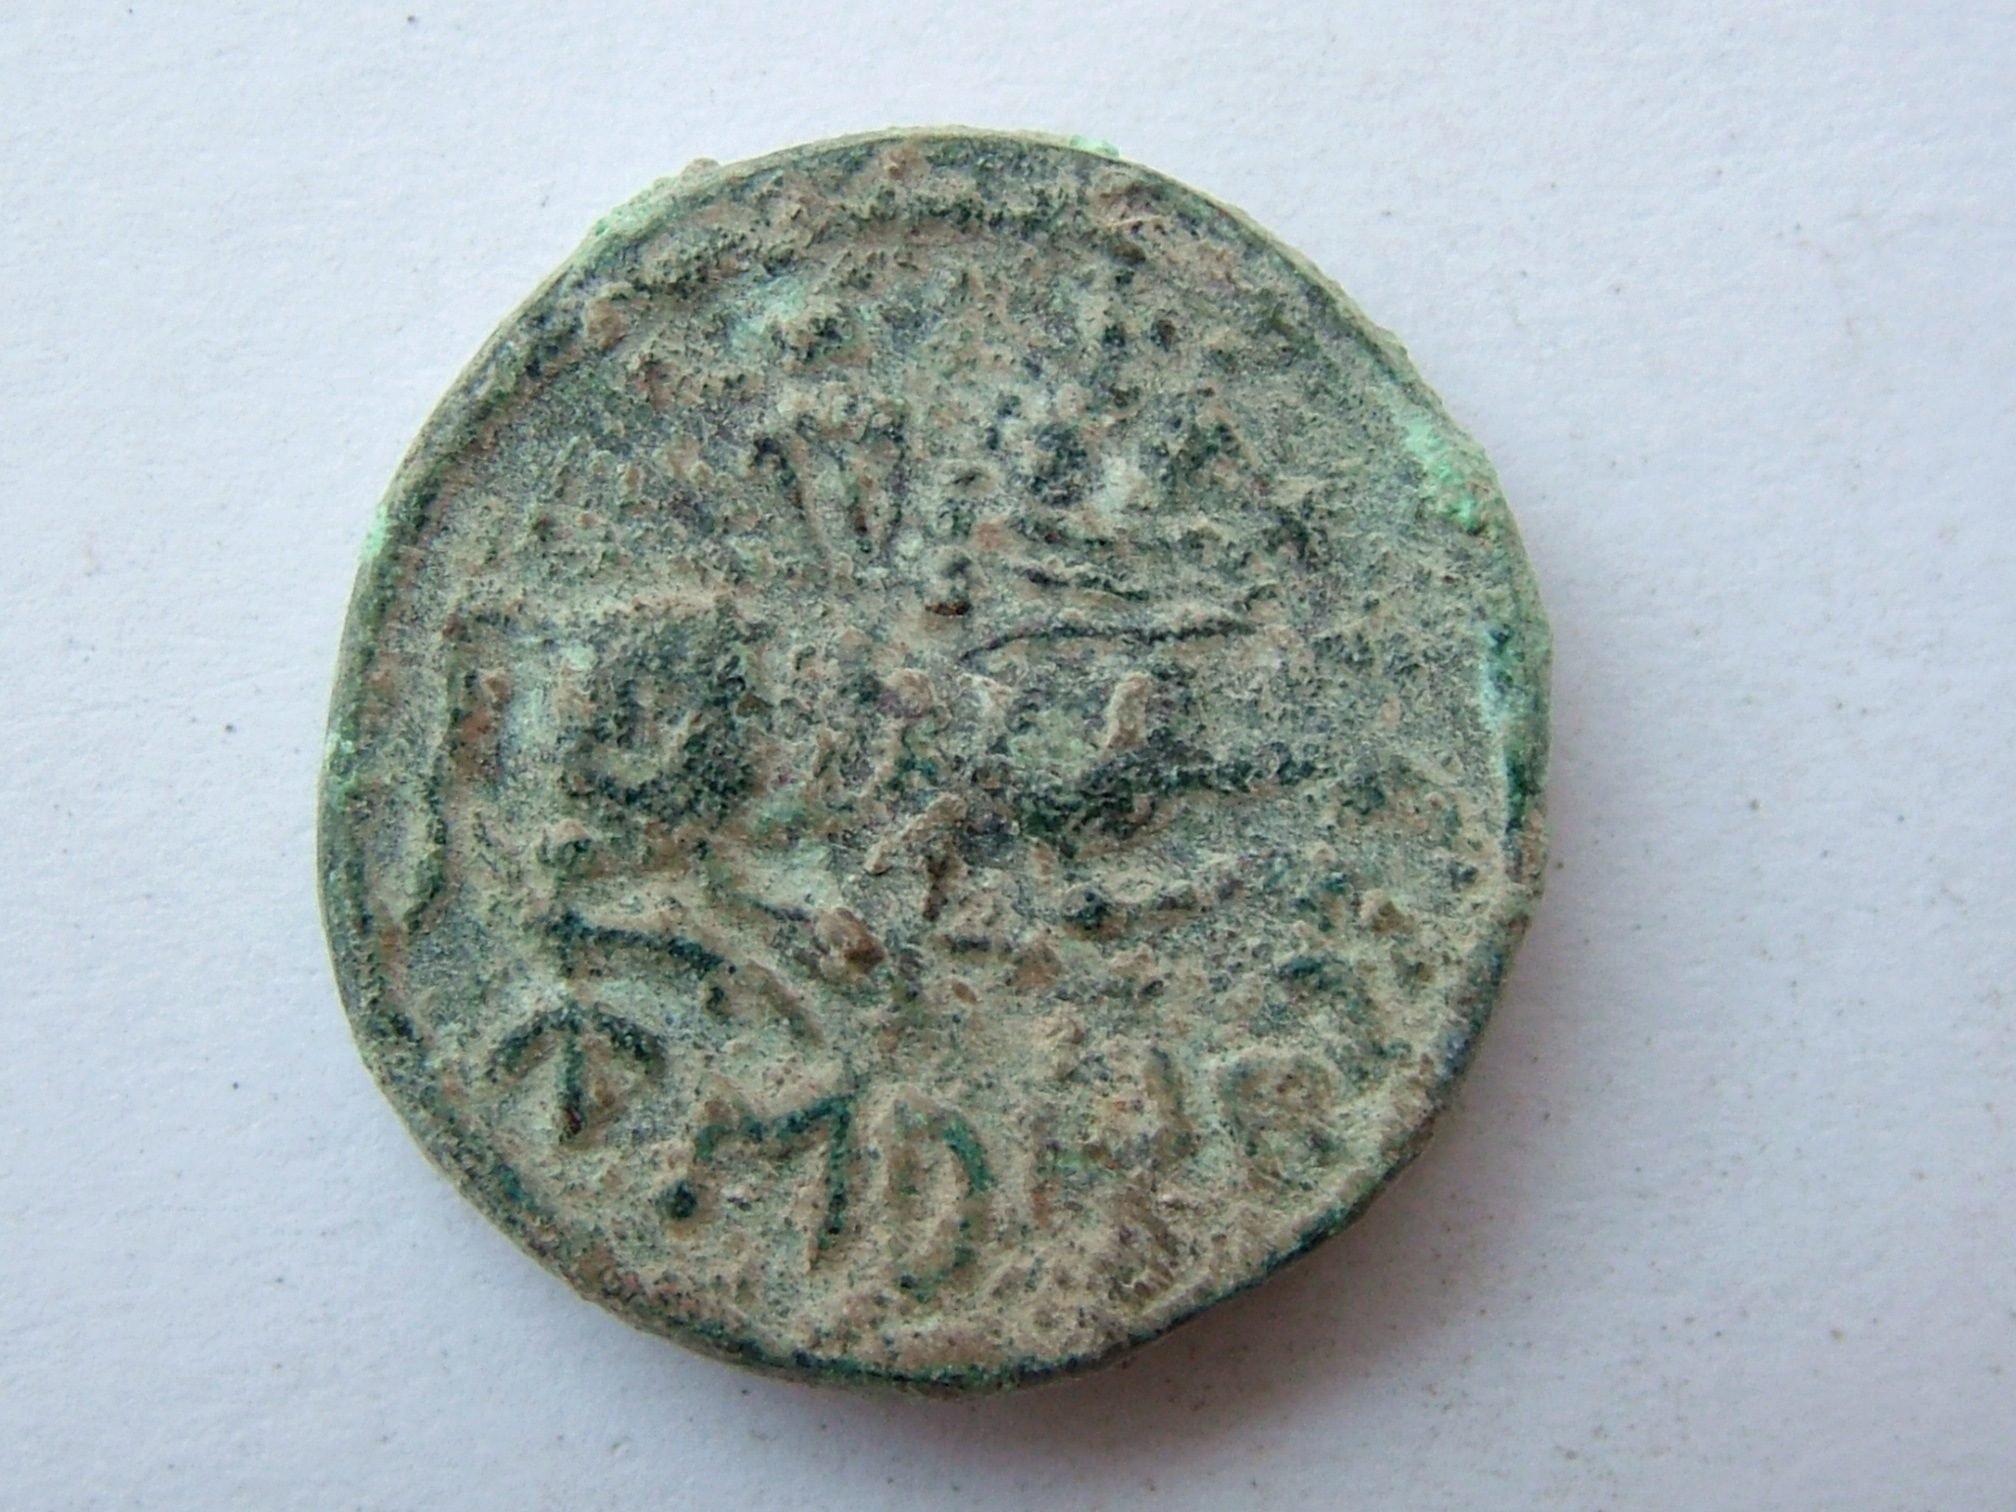 Imágenes a gran escala de pátinas y monedas falsas. Escalofriante (+18). 05_rev10